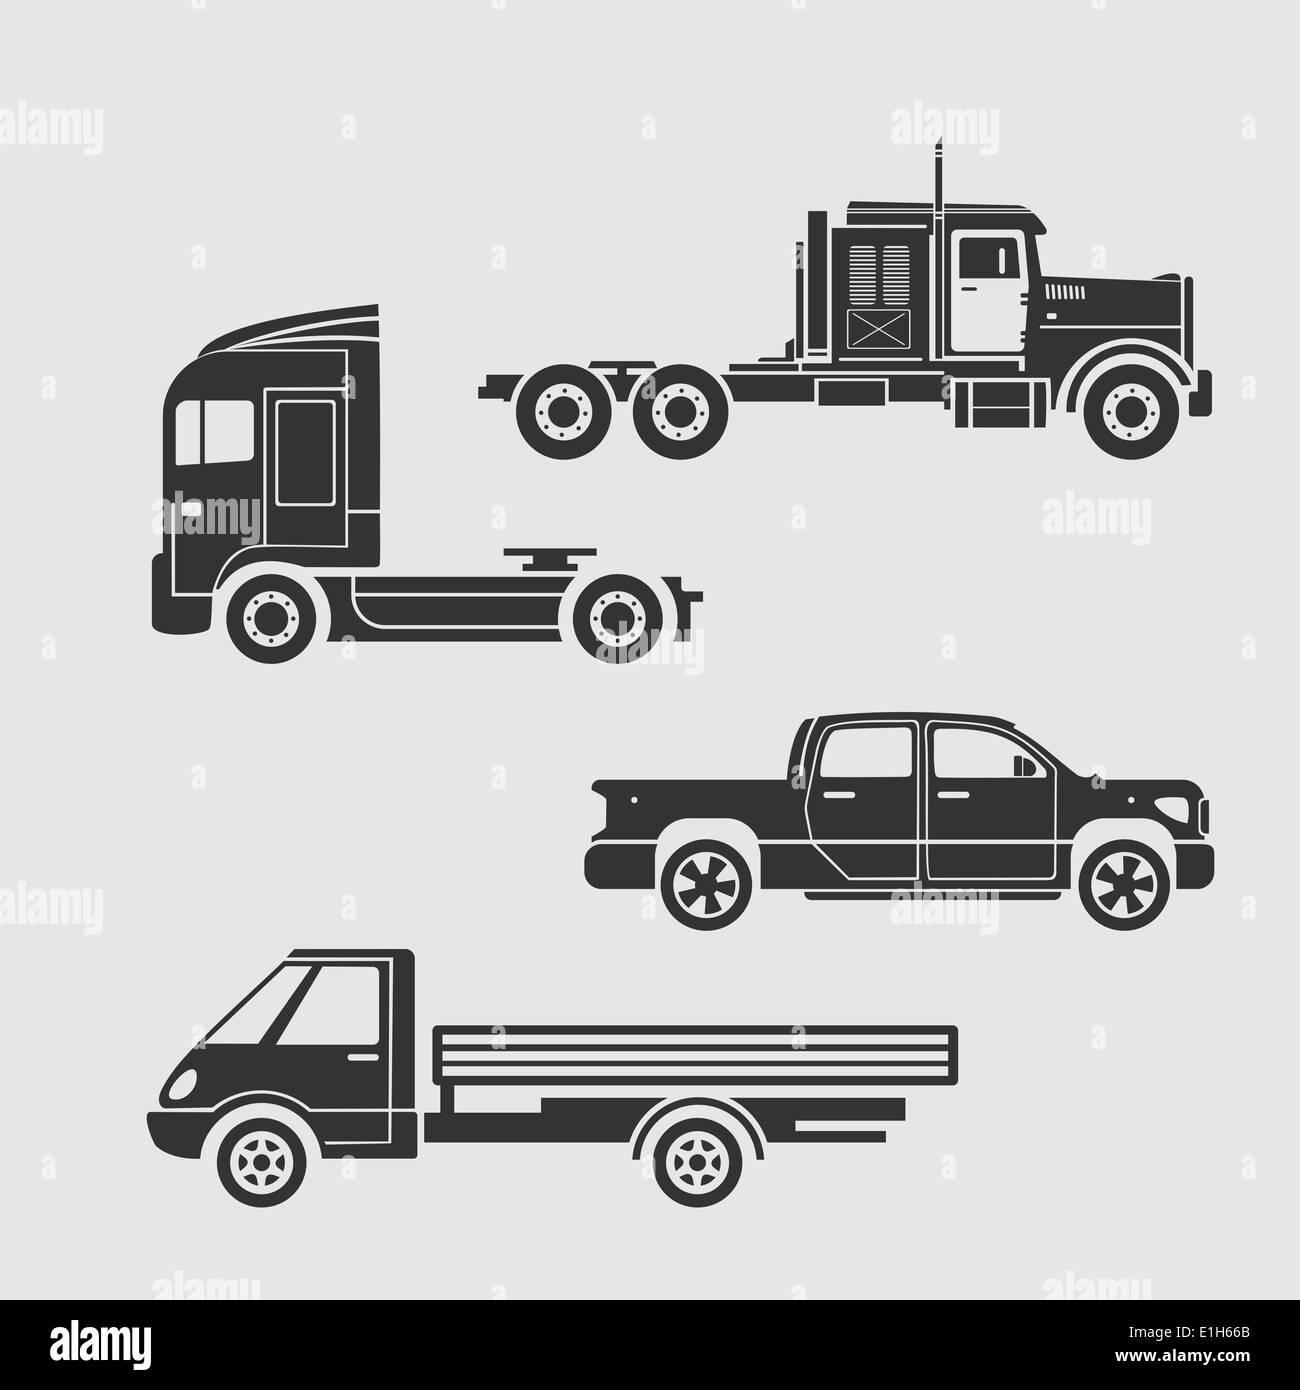 Truck Semi Trailer Vector Illustration Stockfotos & Truck Semi ...